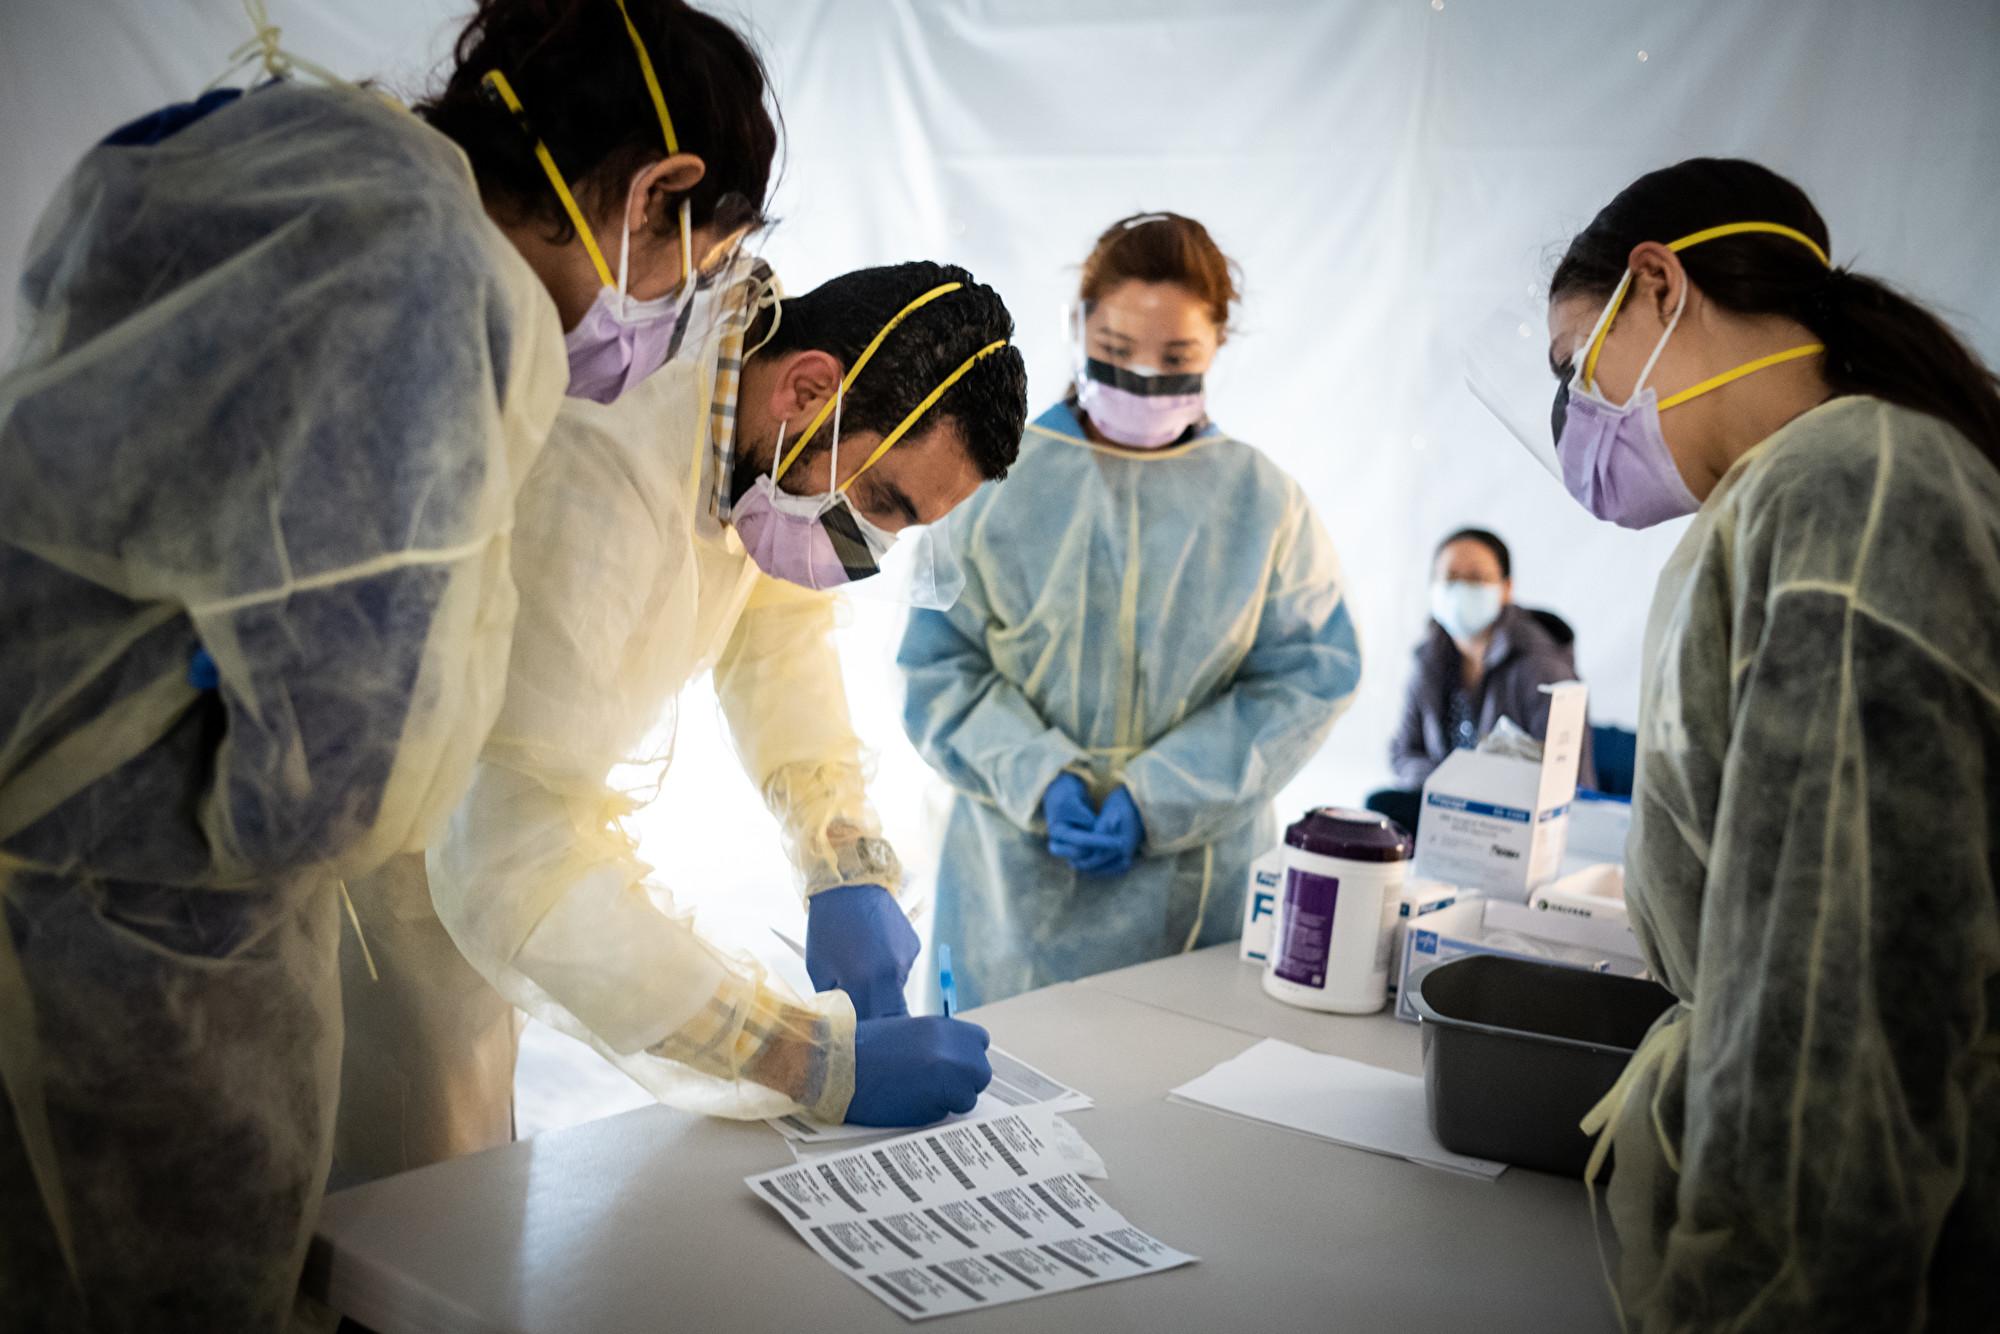 中共肺炎蔓延全球,紐約疫情嚴重,國際現追責索賠潮。圖為正在紐約抗疫一線忙碌的醫生。(攝於2020年3月24日) (Misha Friedman/Getty Images)